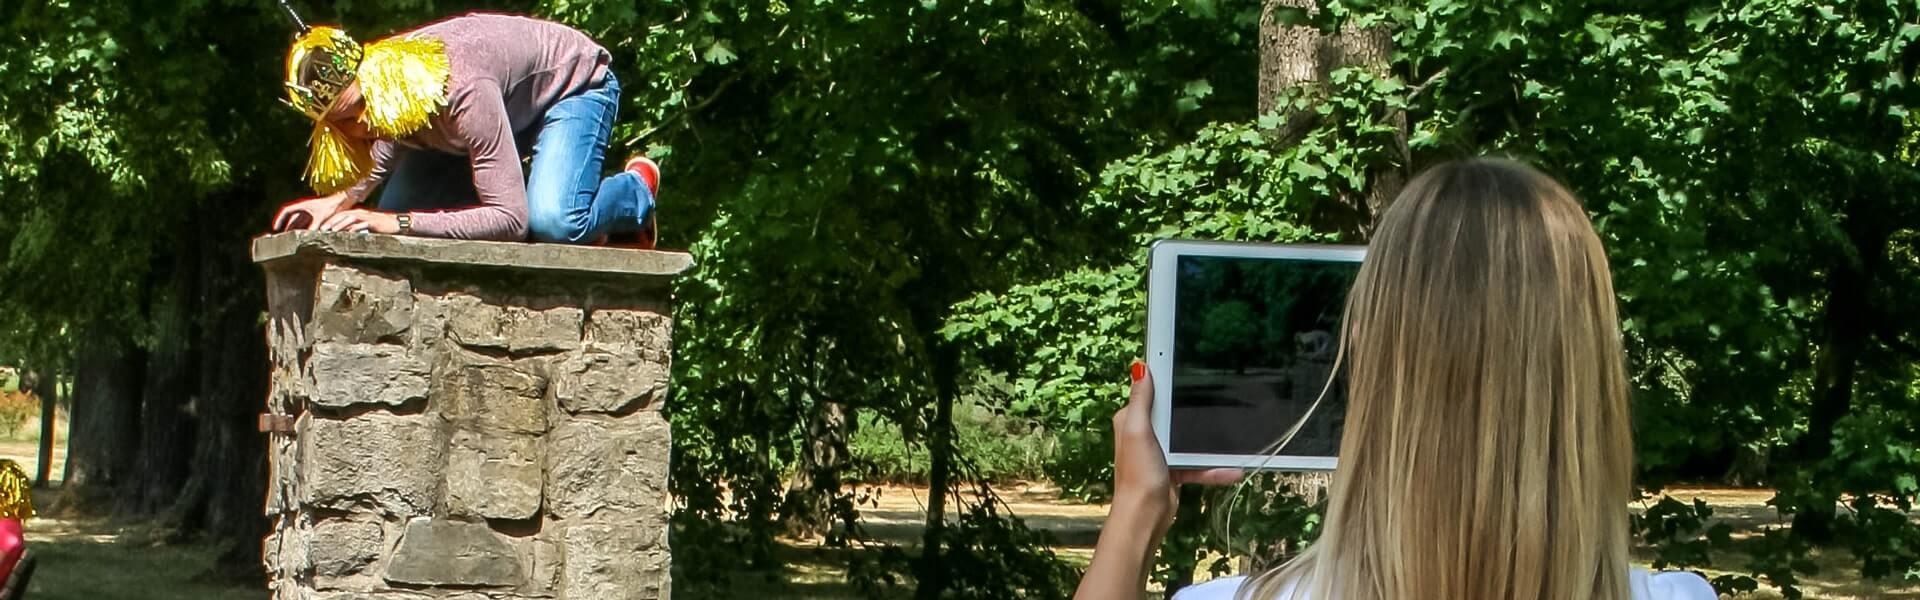 Kreatives Teamevent mit Videodreh von b-ceed